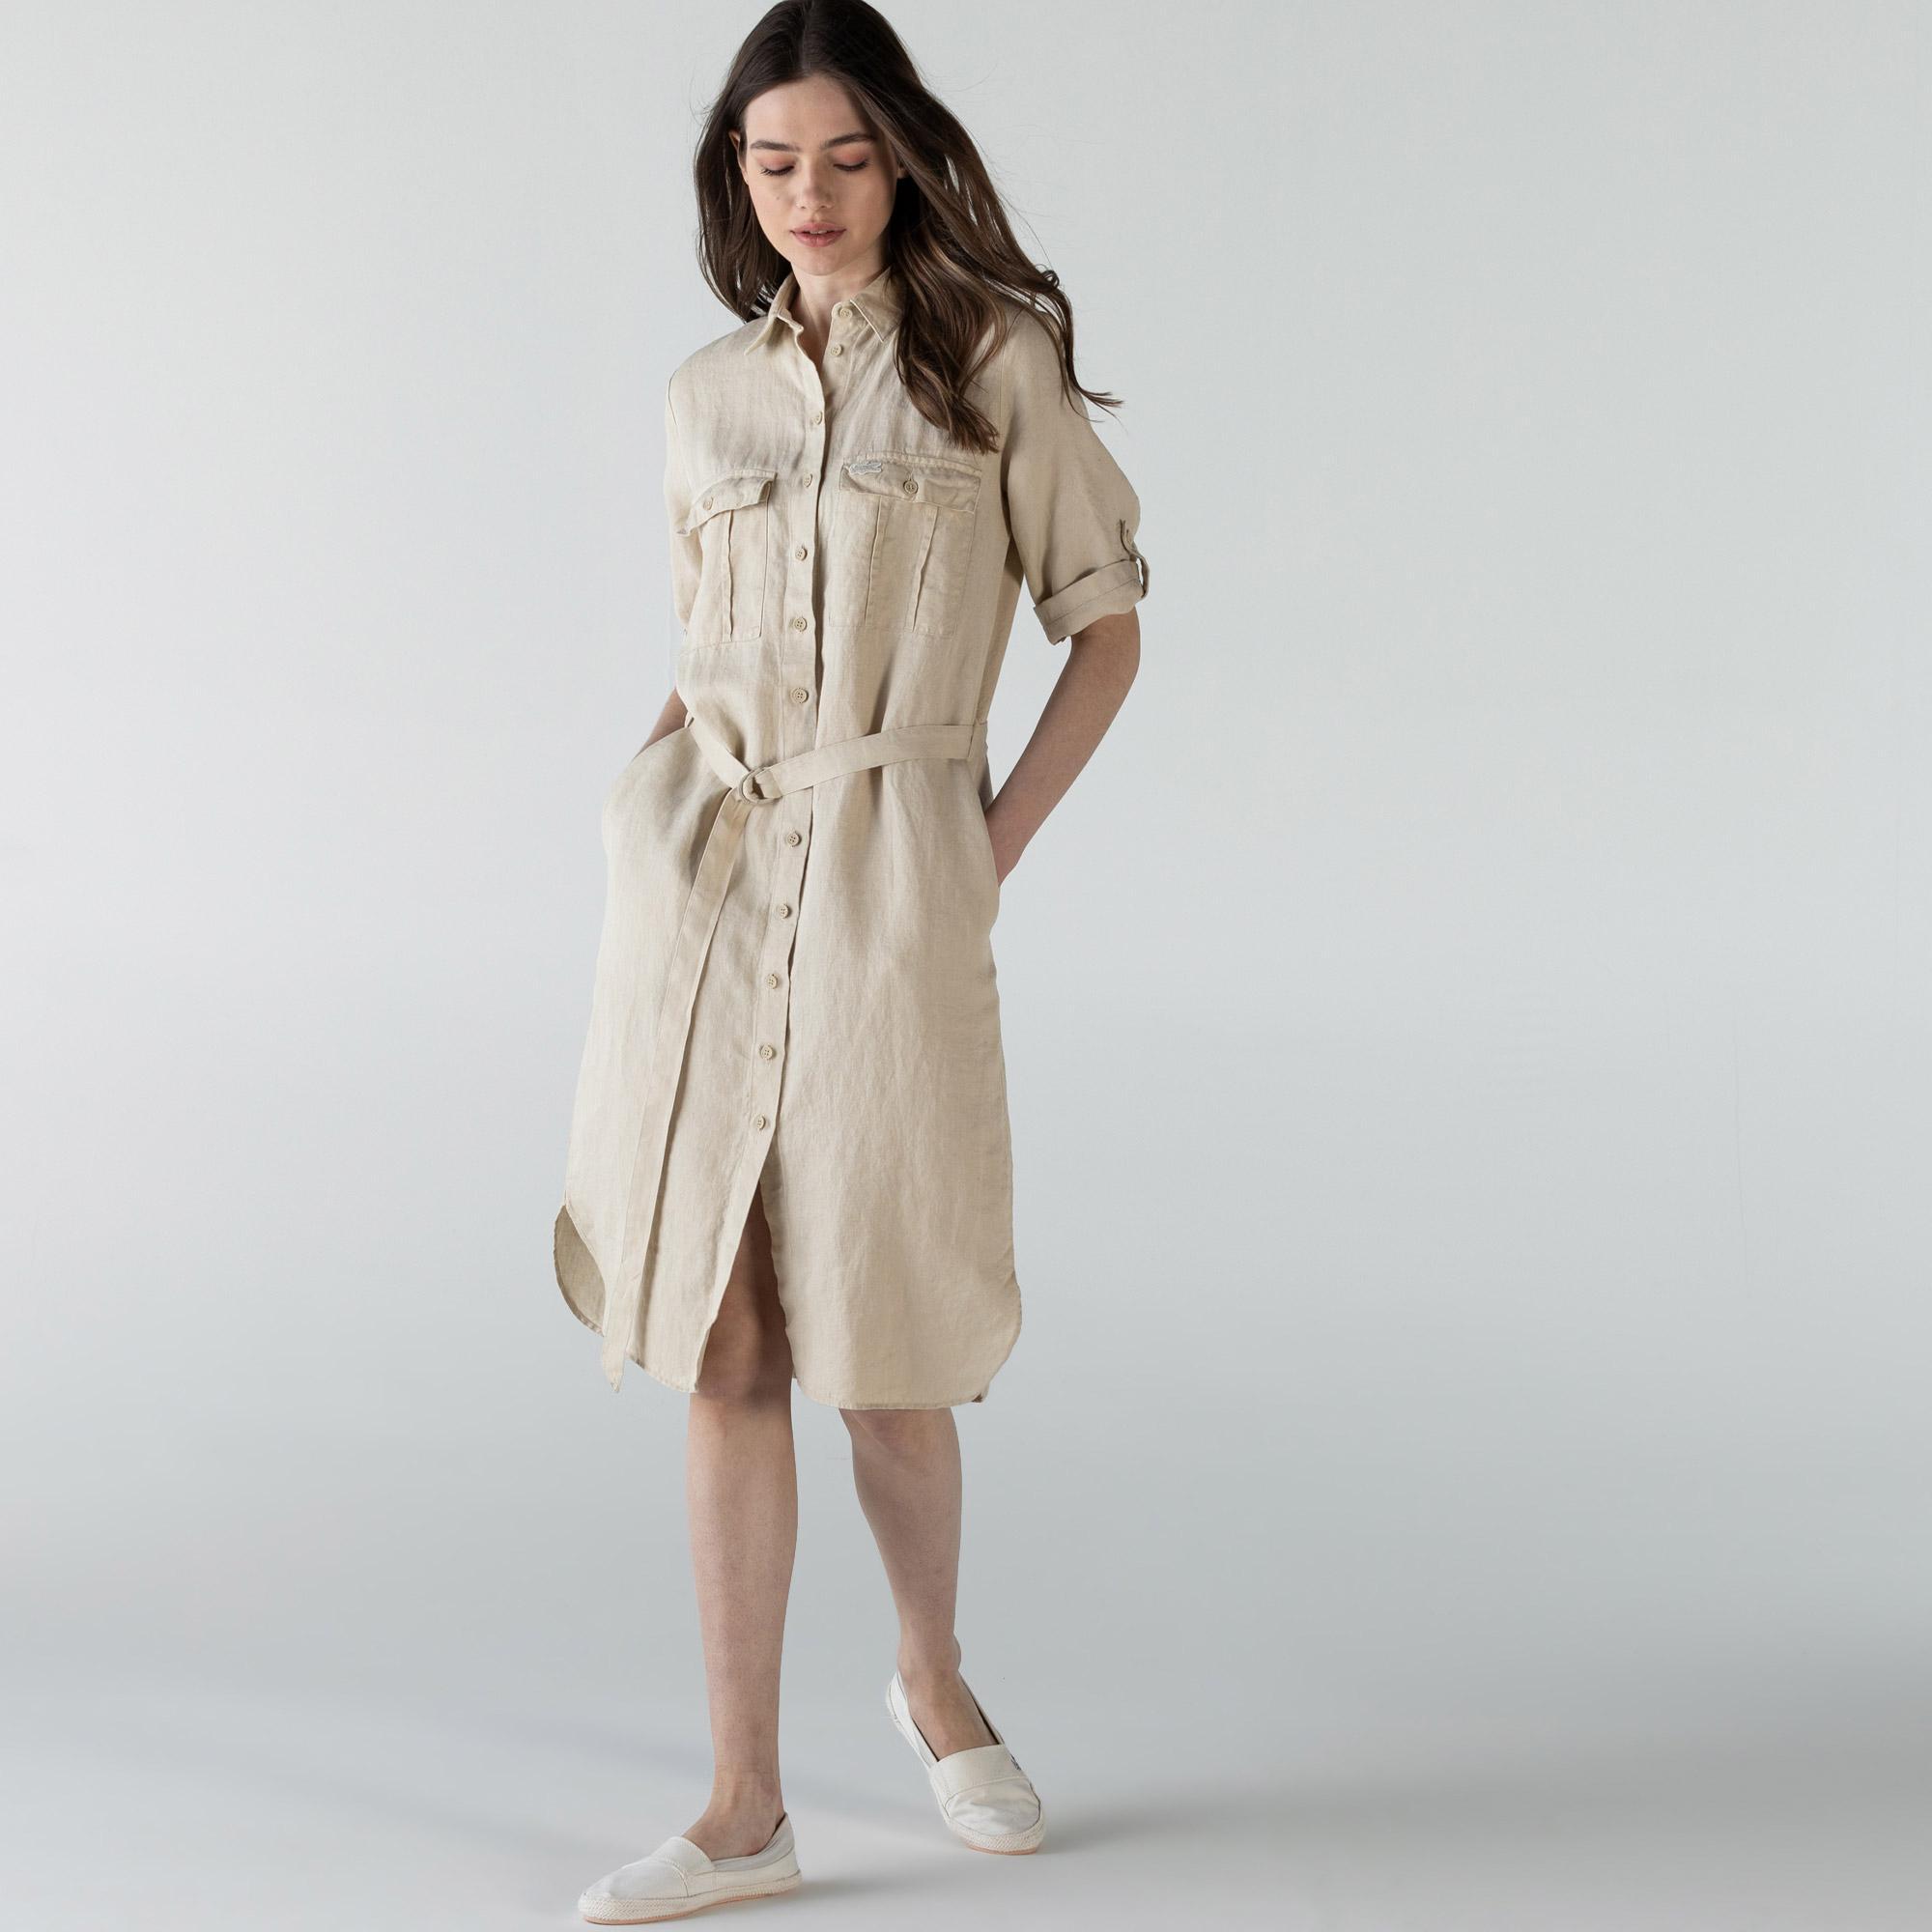 Lacoste Kadın Kısa Kollu Gömlek Yaka Bej Elbise